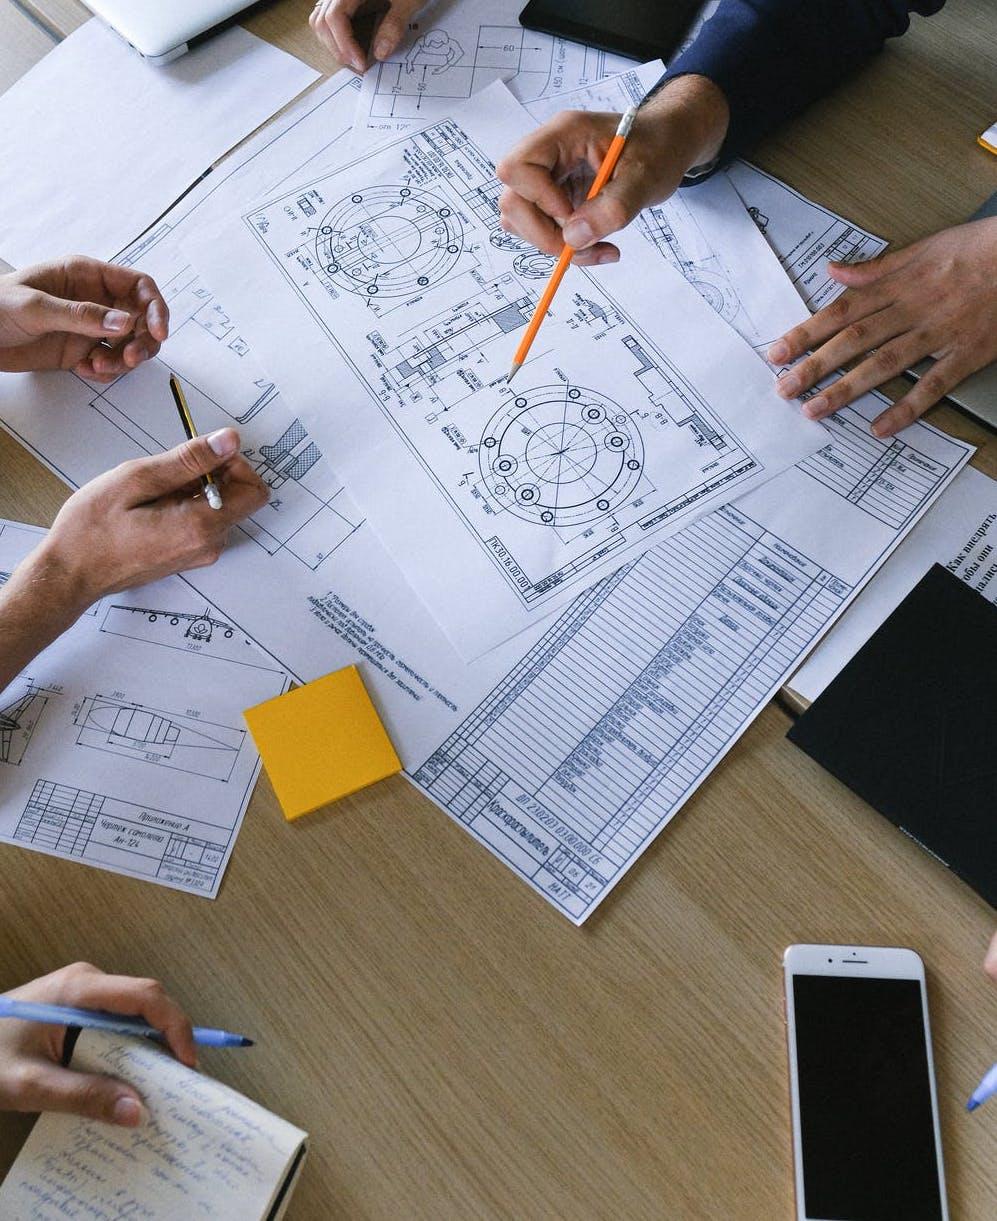 kommunikation-ihres-produkts-fuer-das-engineering